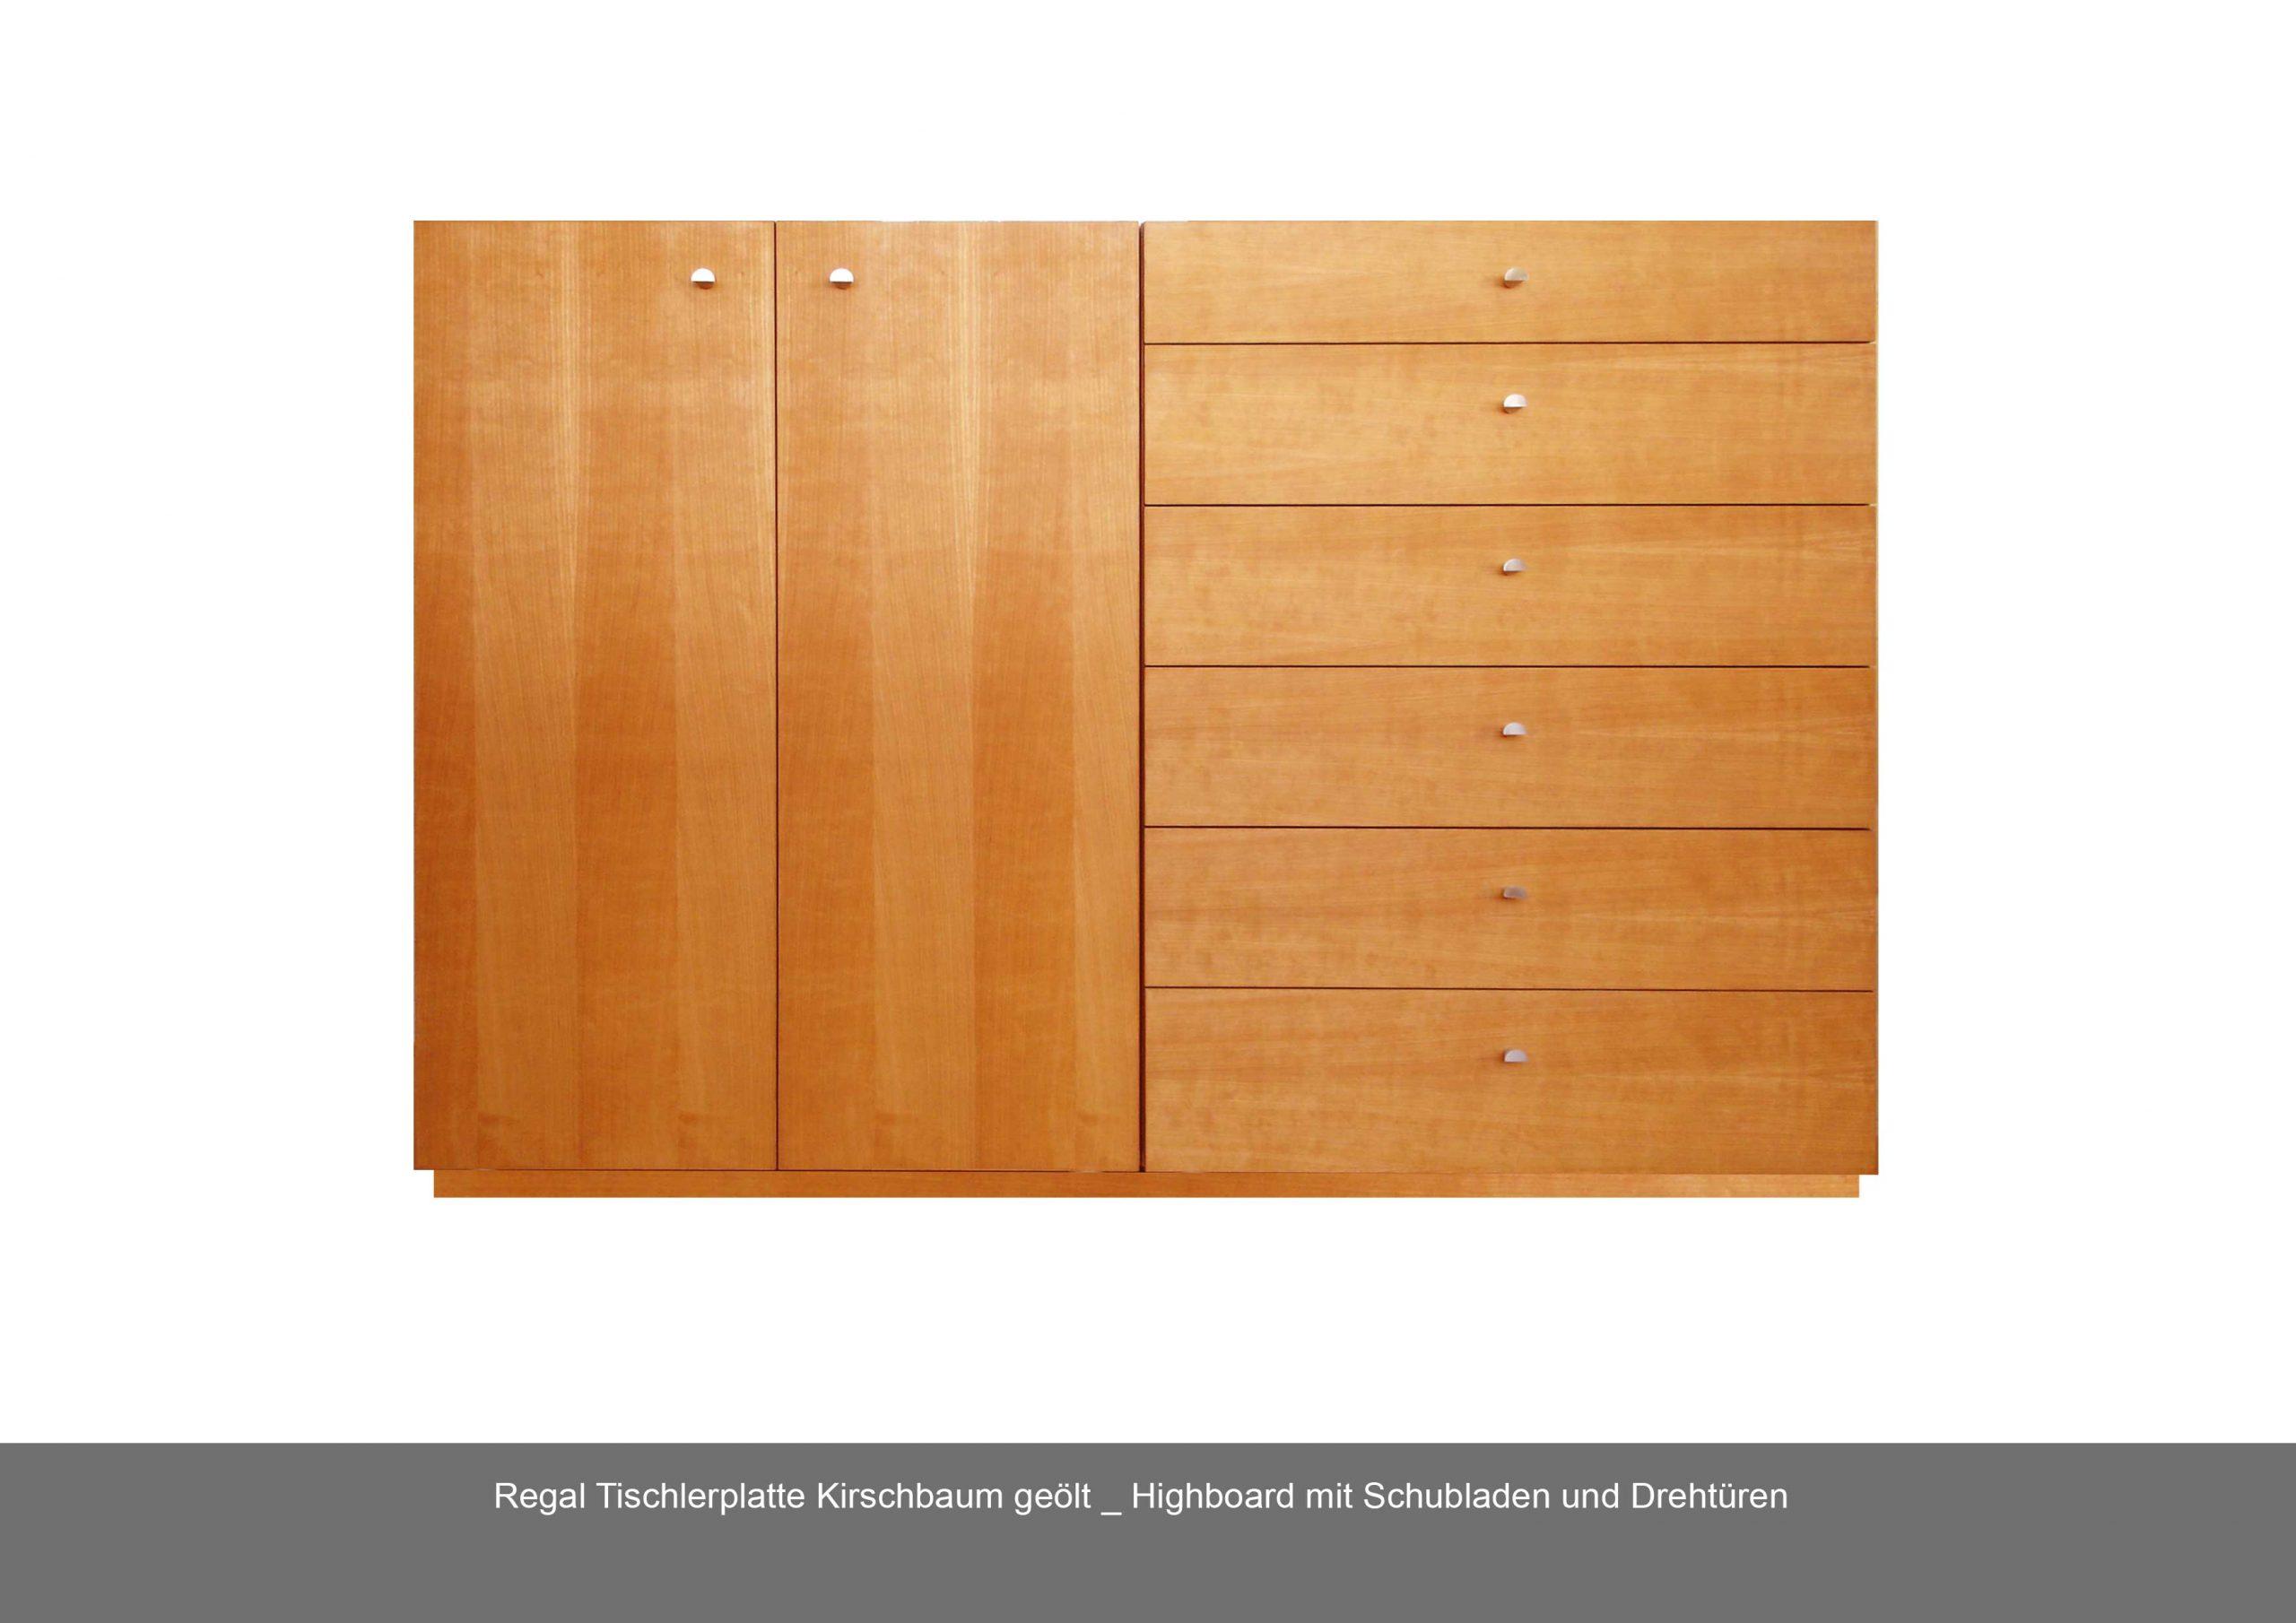 Regal Highboard Schublade Drehtüre Kirschbaum geölt Tischlerplatte